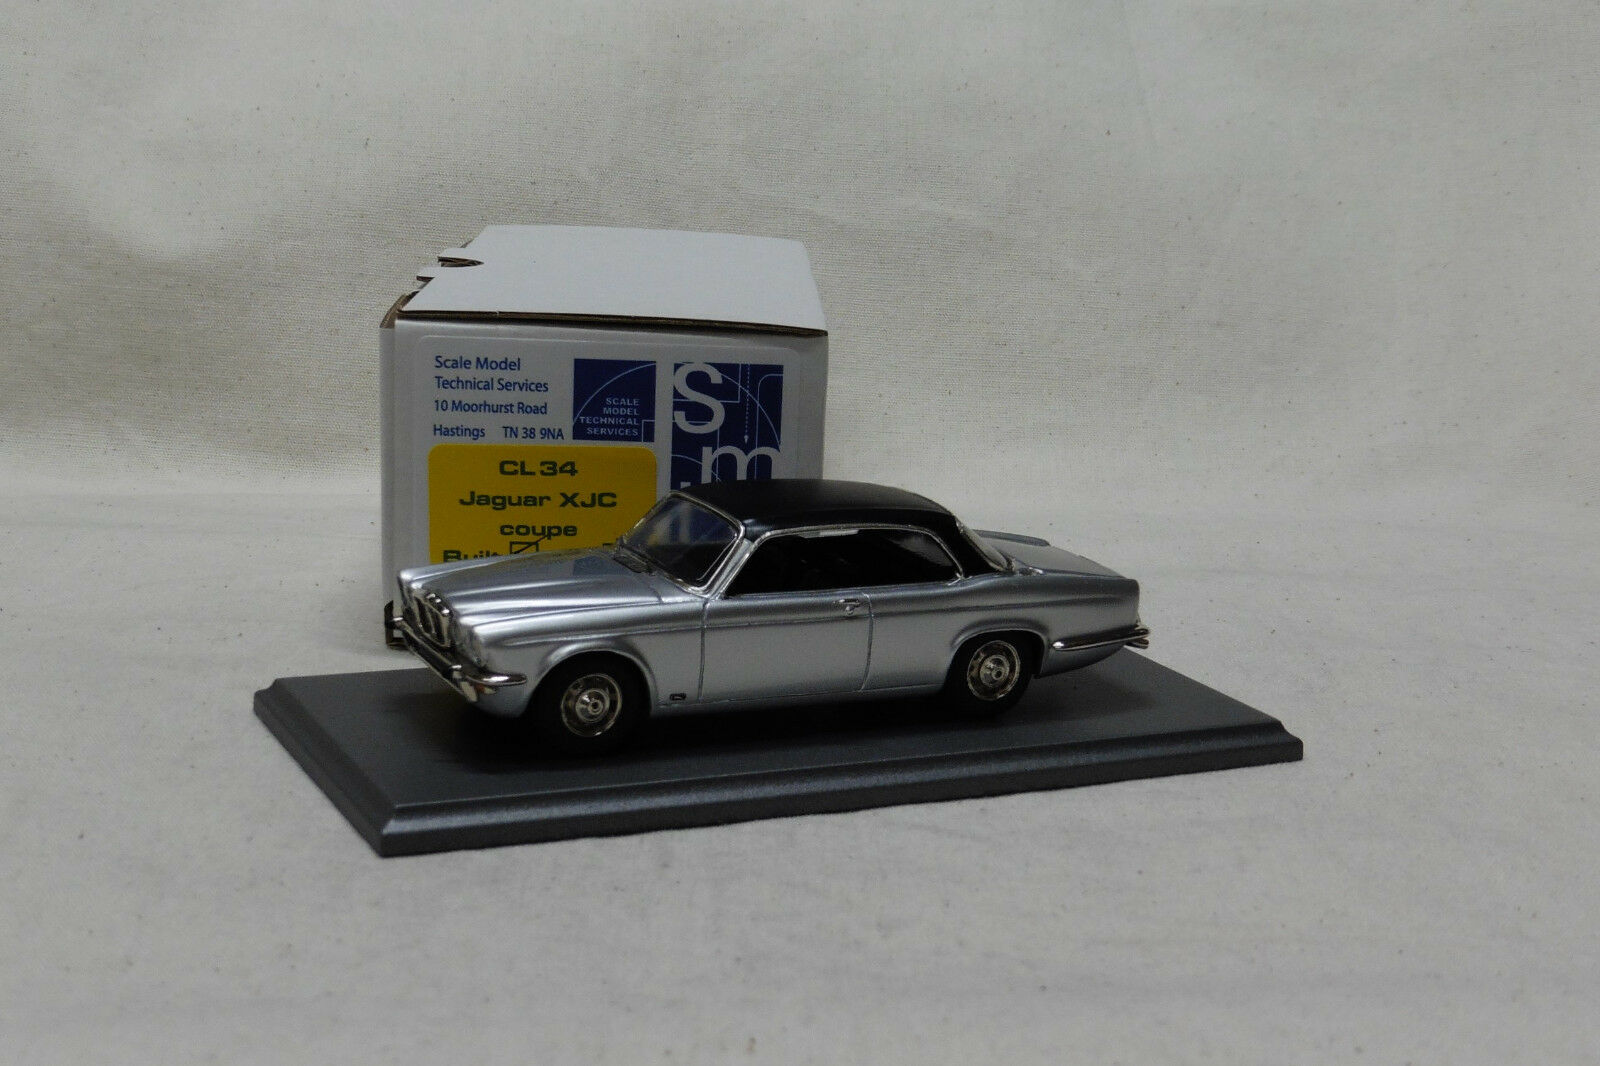 1/43 CL34 Jaguar XJC plata por SMTS